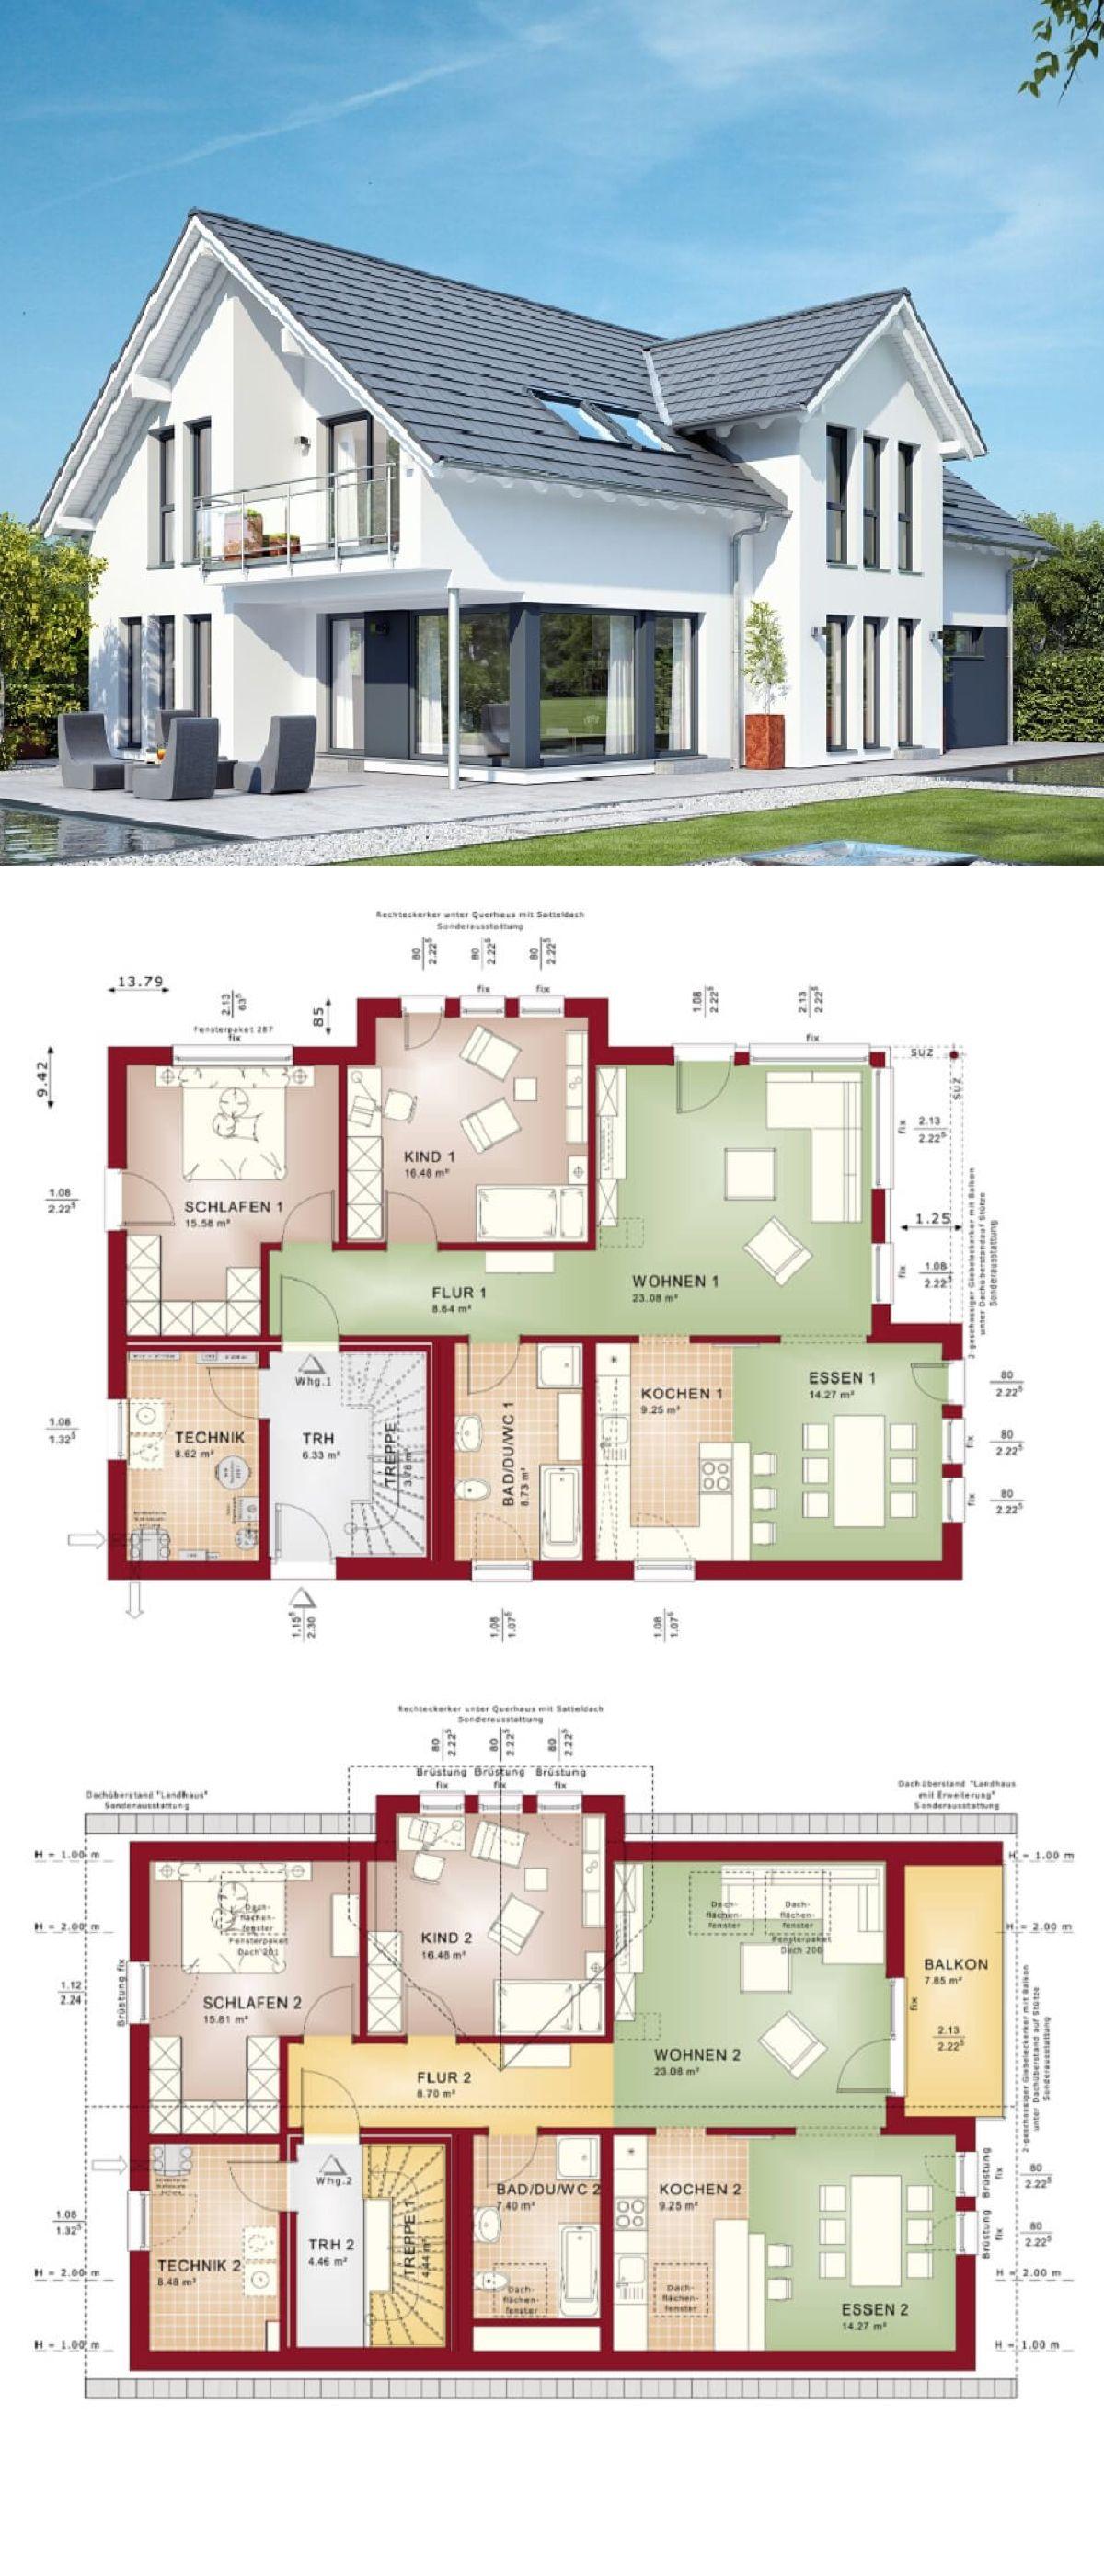 Zweifamilienhaus mit satteldach loggia und balkon haus for Zweifamilienhaus modern grundriss